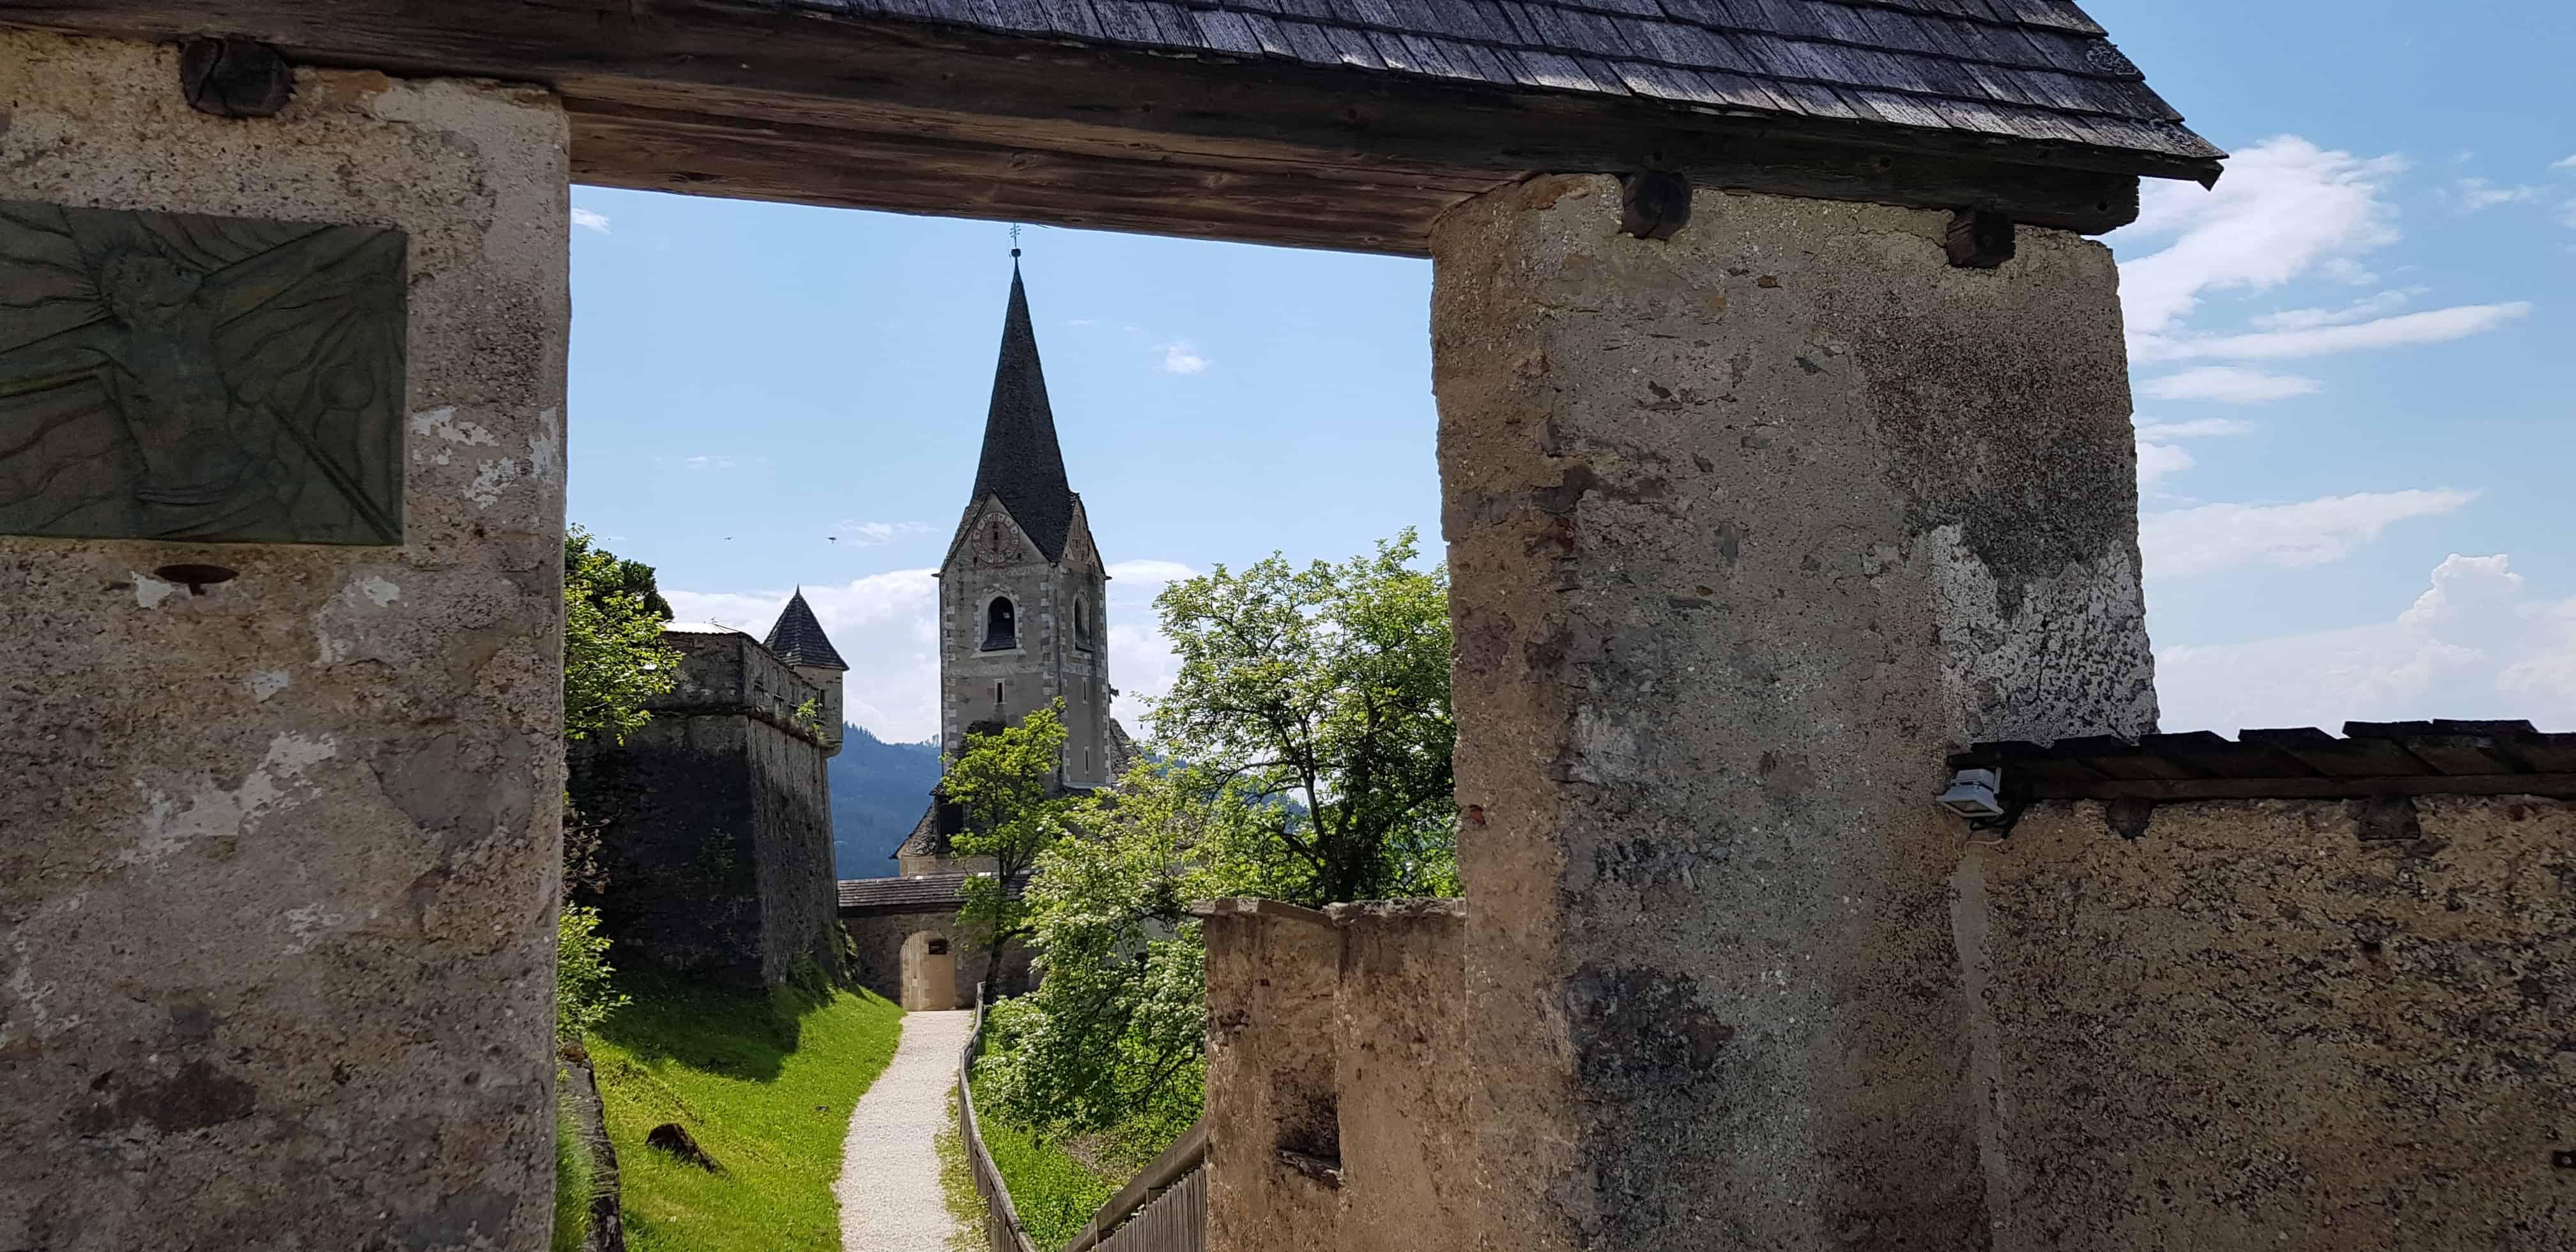 Tor zur Burgkirche auf der Burg Hochosterwitz in Österreich, Kärnten